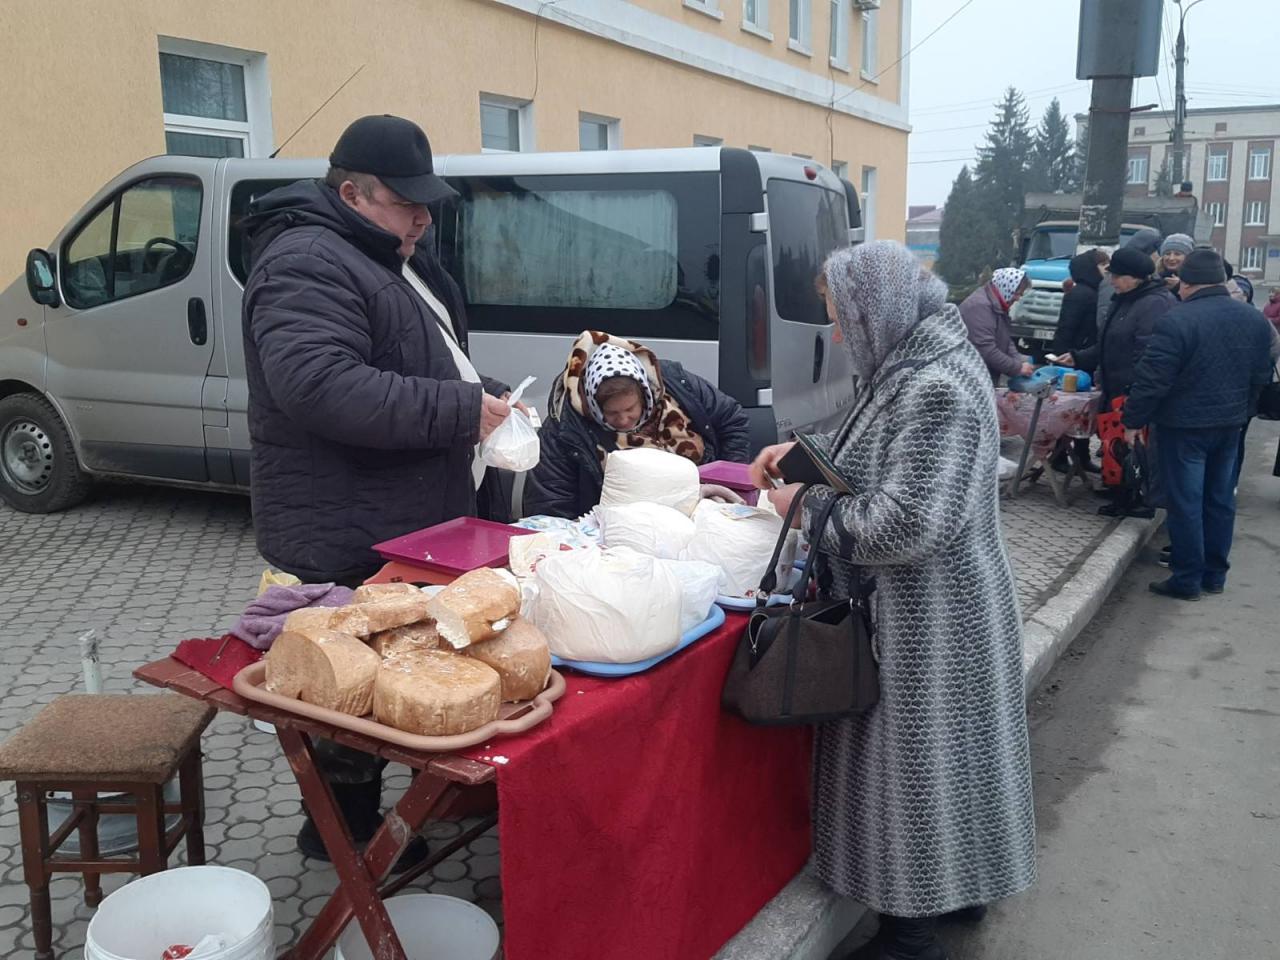 http://dunrada.gov.ua/uploadfile/archive_news/2019/12/21/2019-12-21_1966/images/images-411.jpg